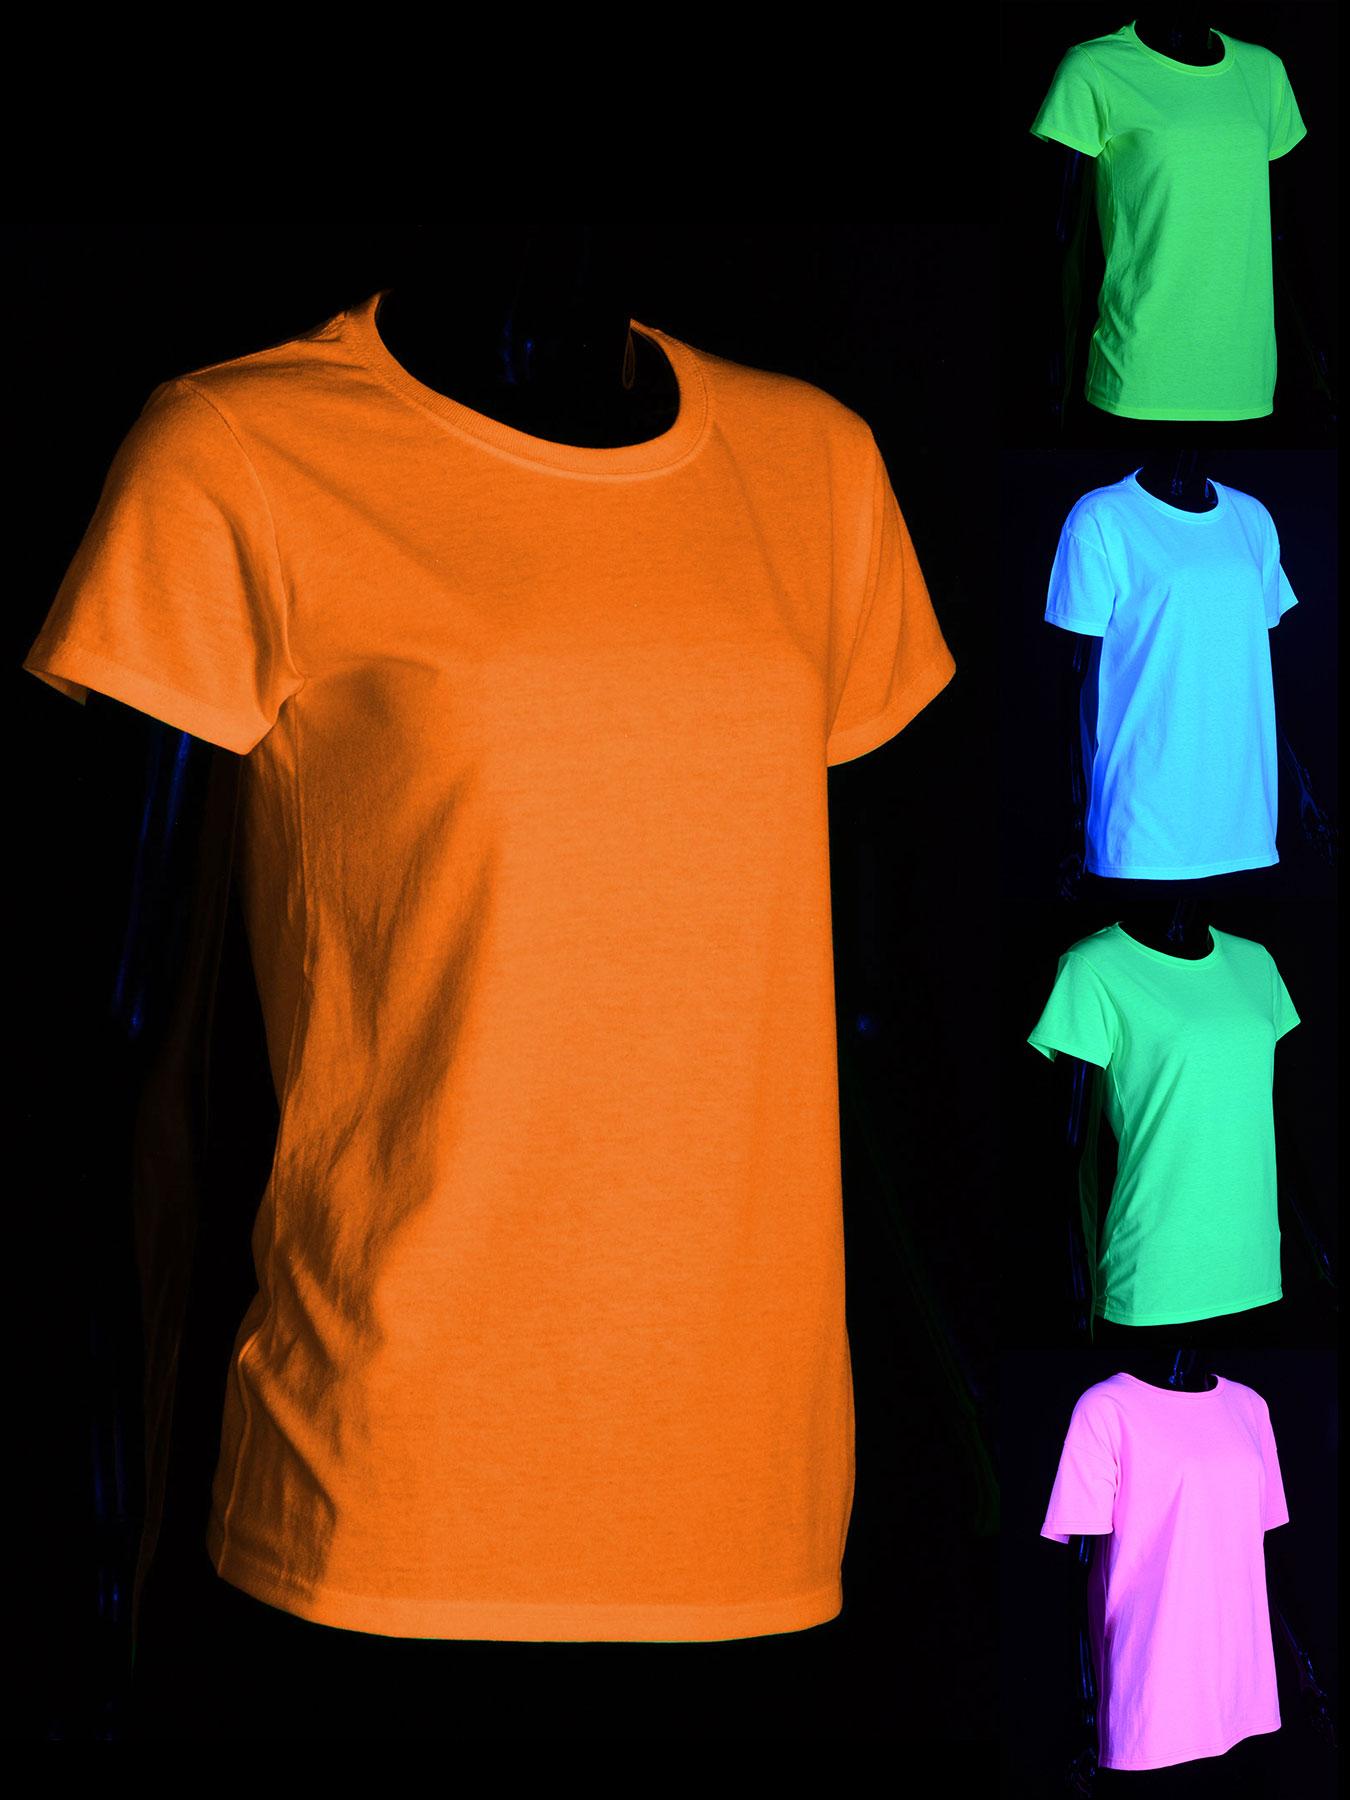 schwarzlicht t shirt f r damen neon. Black Bedroom Furniture Sets. Home Design Ideas